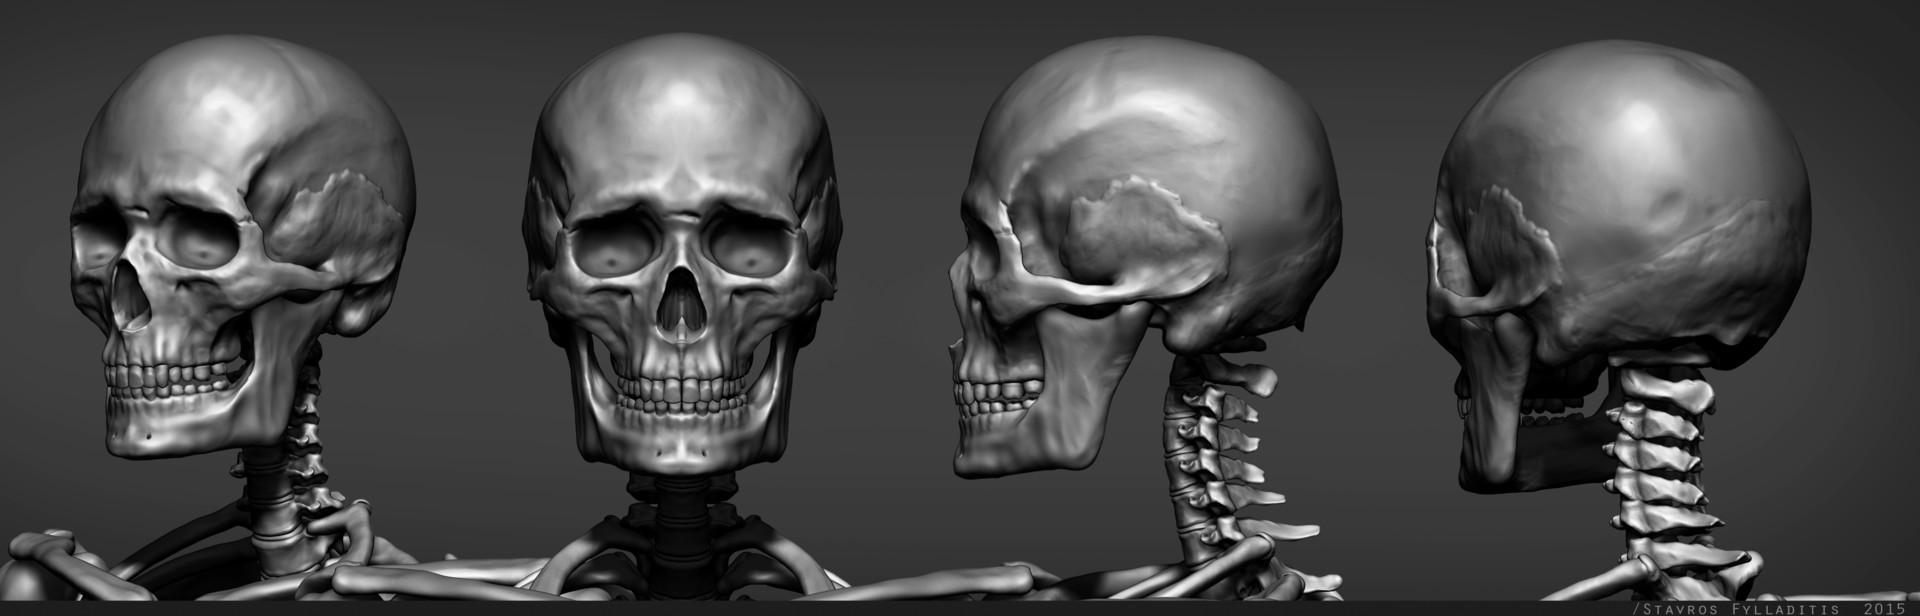 Stavros fylladitis skull v01